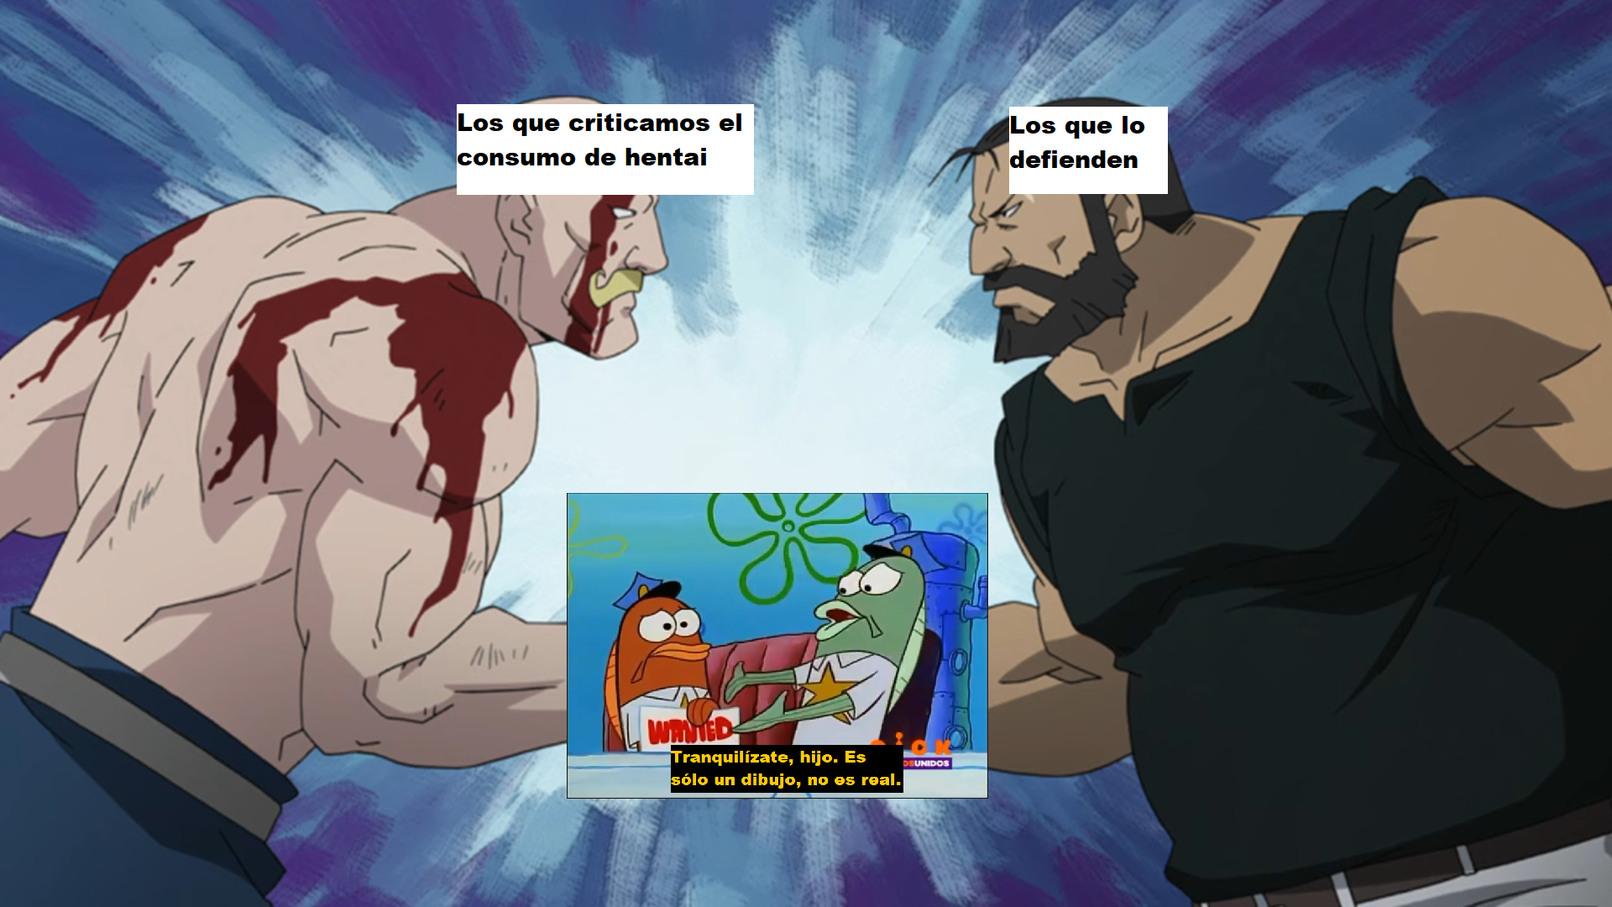 CONTEXTO: Ambos bandos utilizan el meme para dejar al otro como un loco que reacciona de manera inusual ante un simple dibujo. En nuestro caso es el cringe y en el suyo la excitación sexual